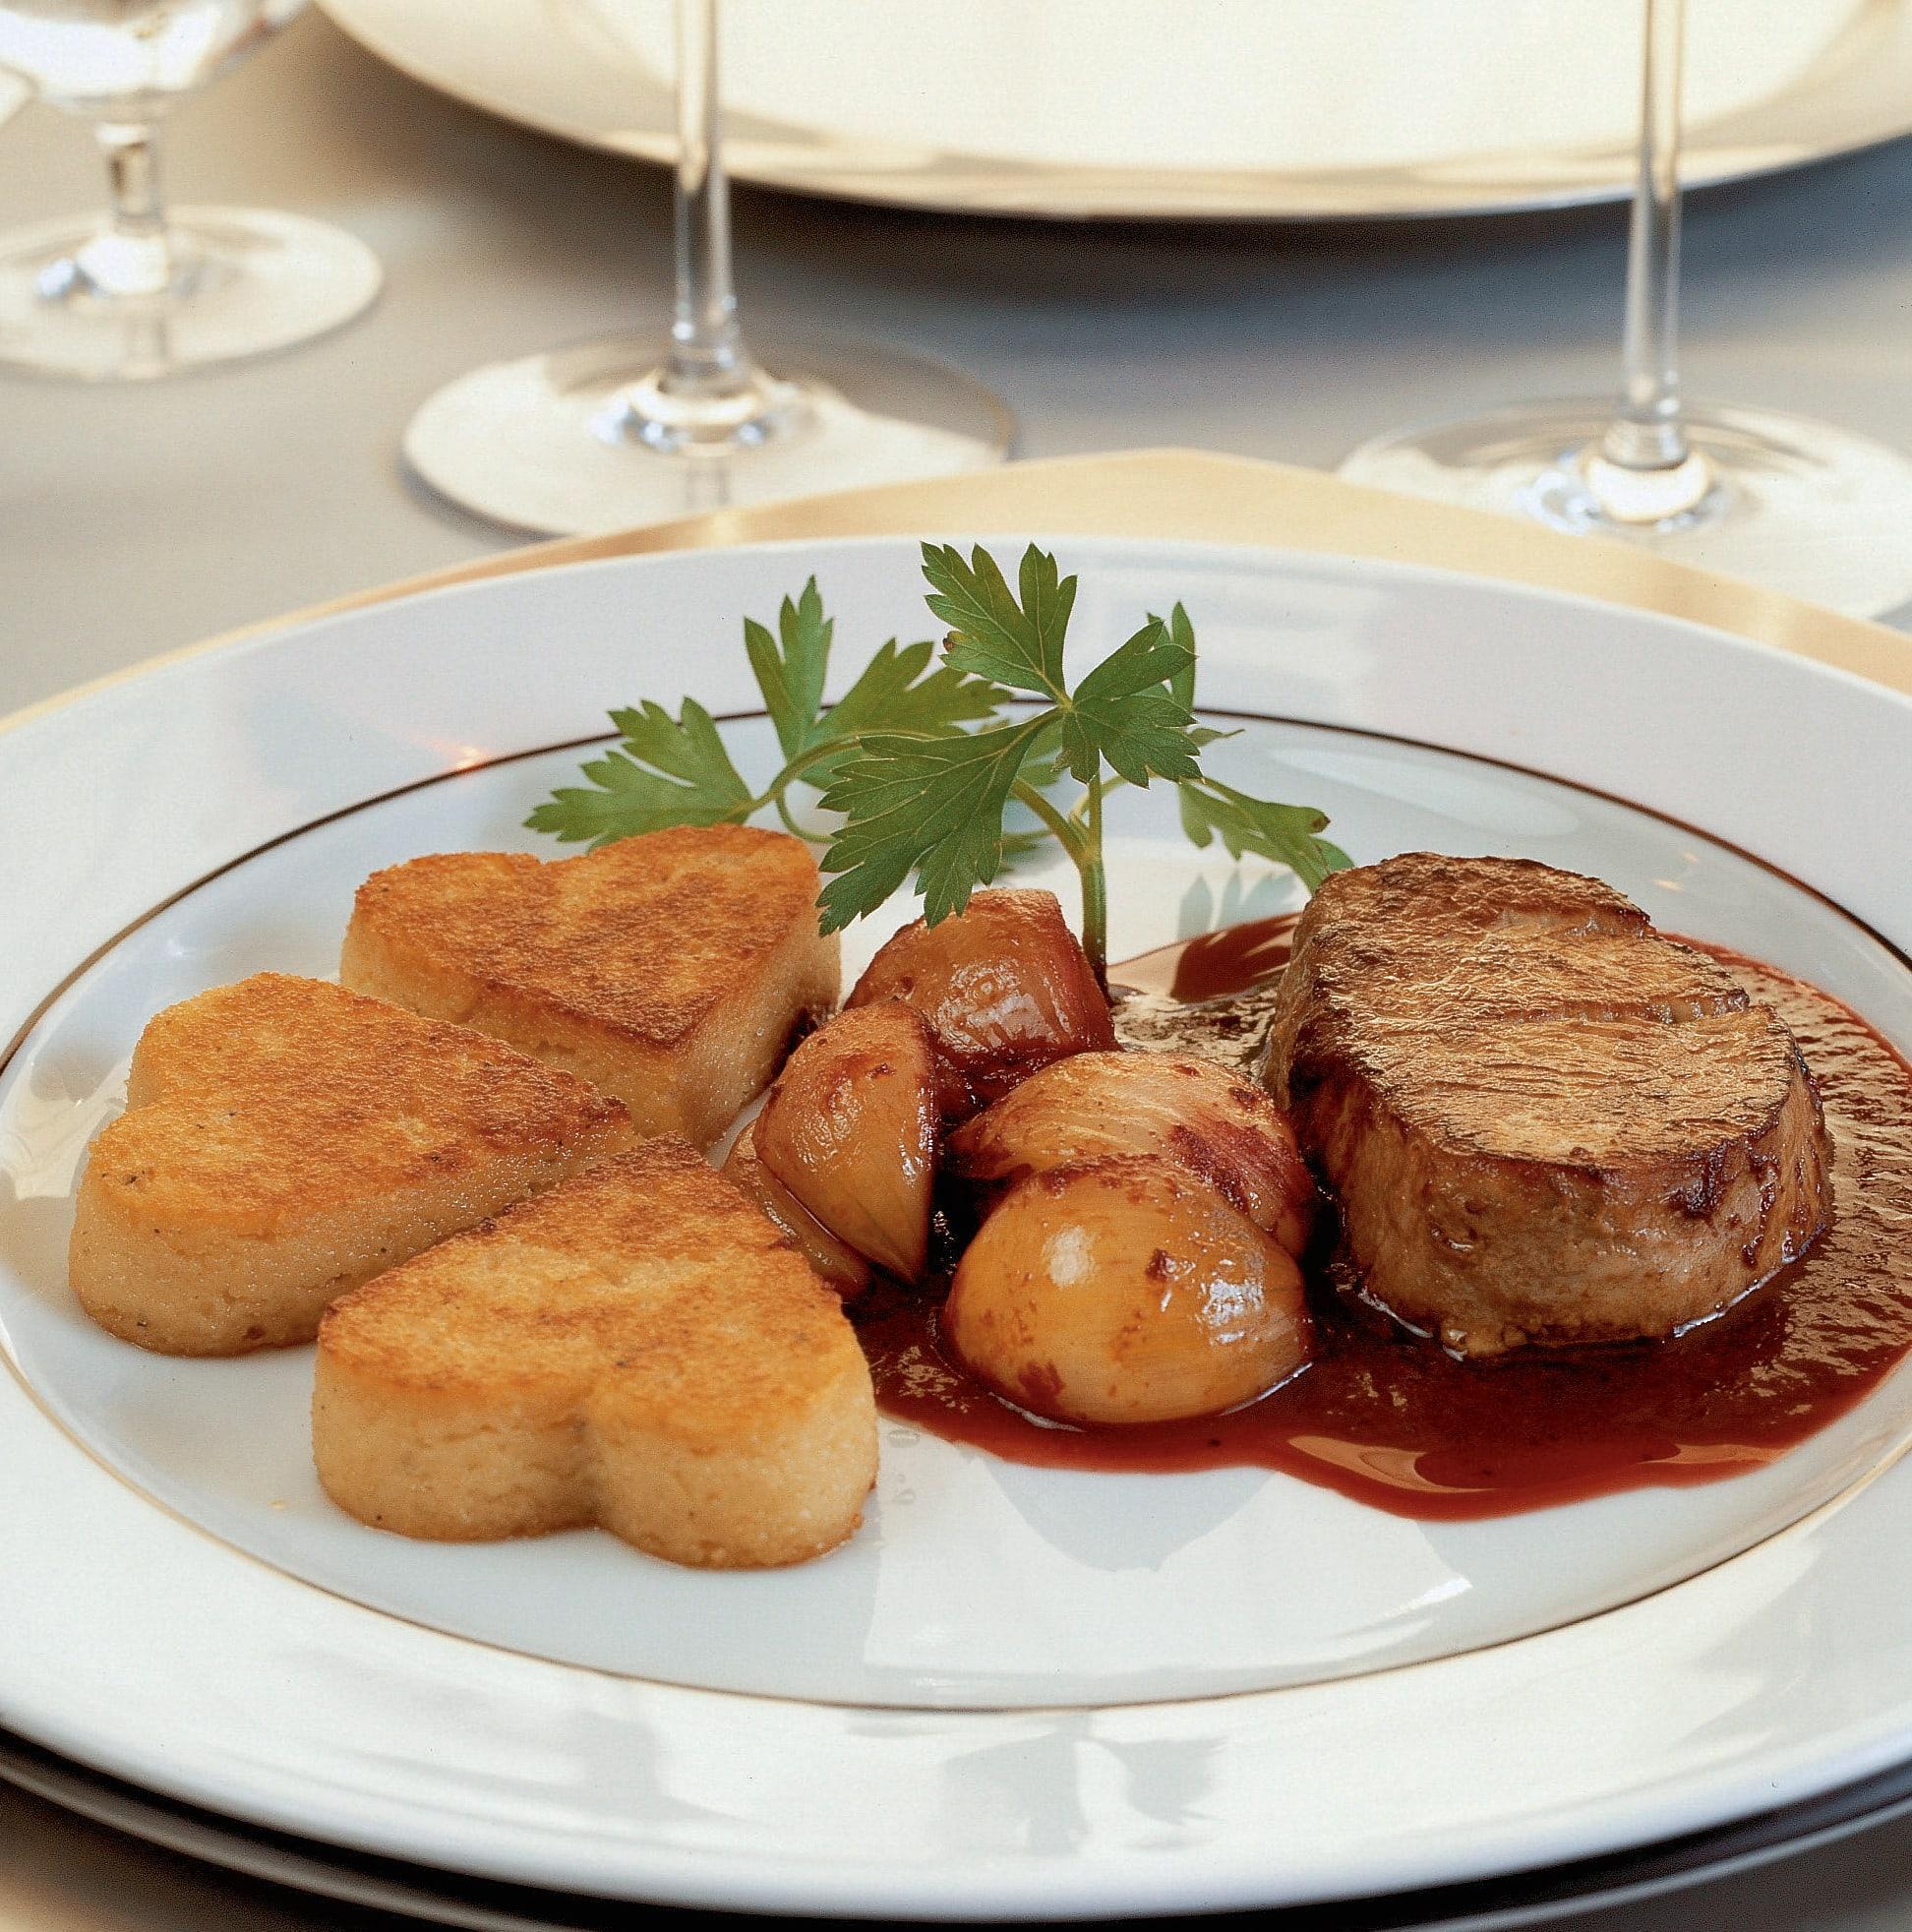 Kalbsfilet-Medaillons mit Schalotten-Rotwein-Sauce und Griess-Herzen